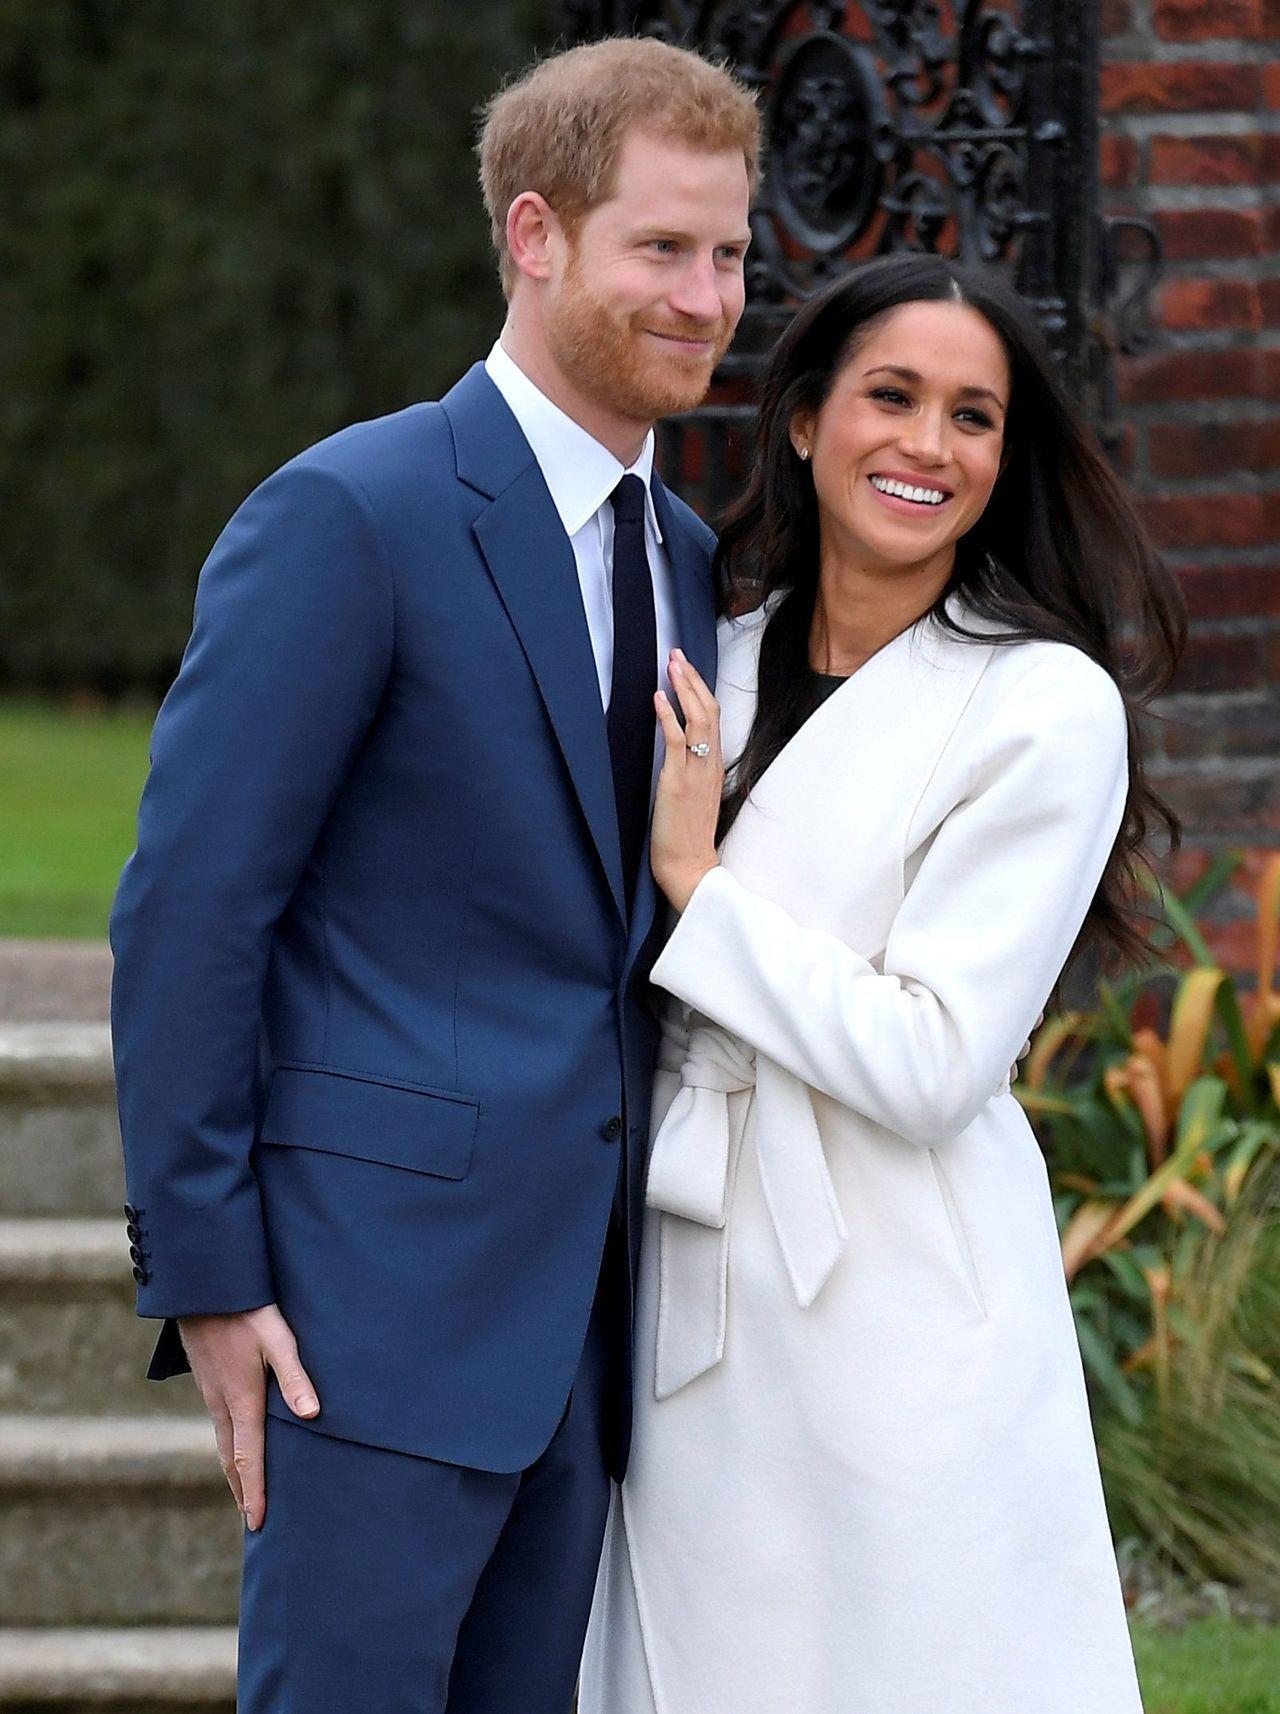 英國哈利王子與美國女星梅根馬克爾訂明年5月舉行婚禮,零售業者樂觀以待。(圖/路透...